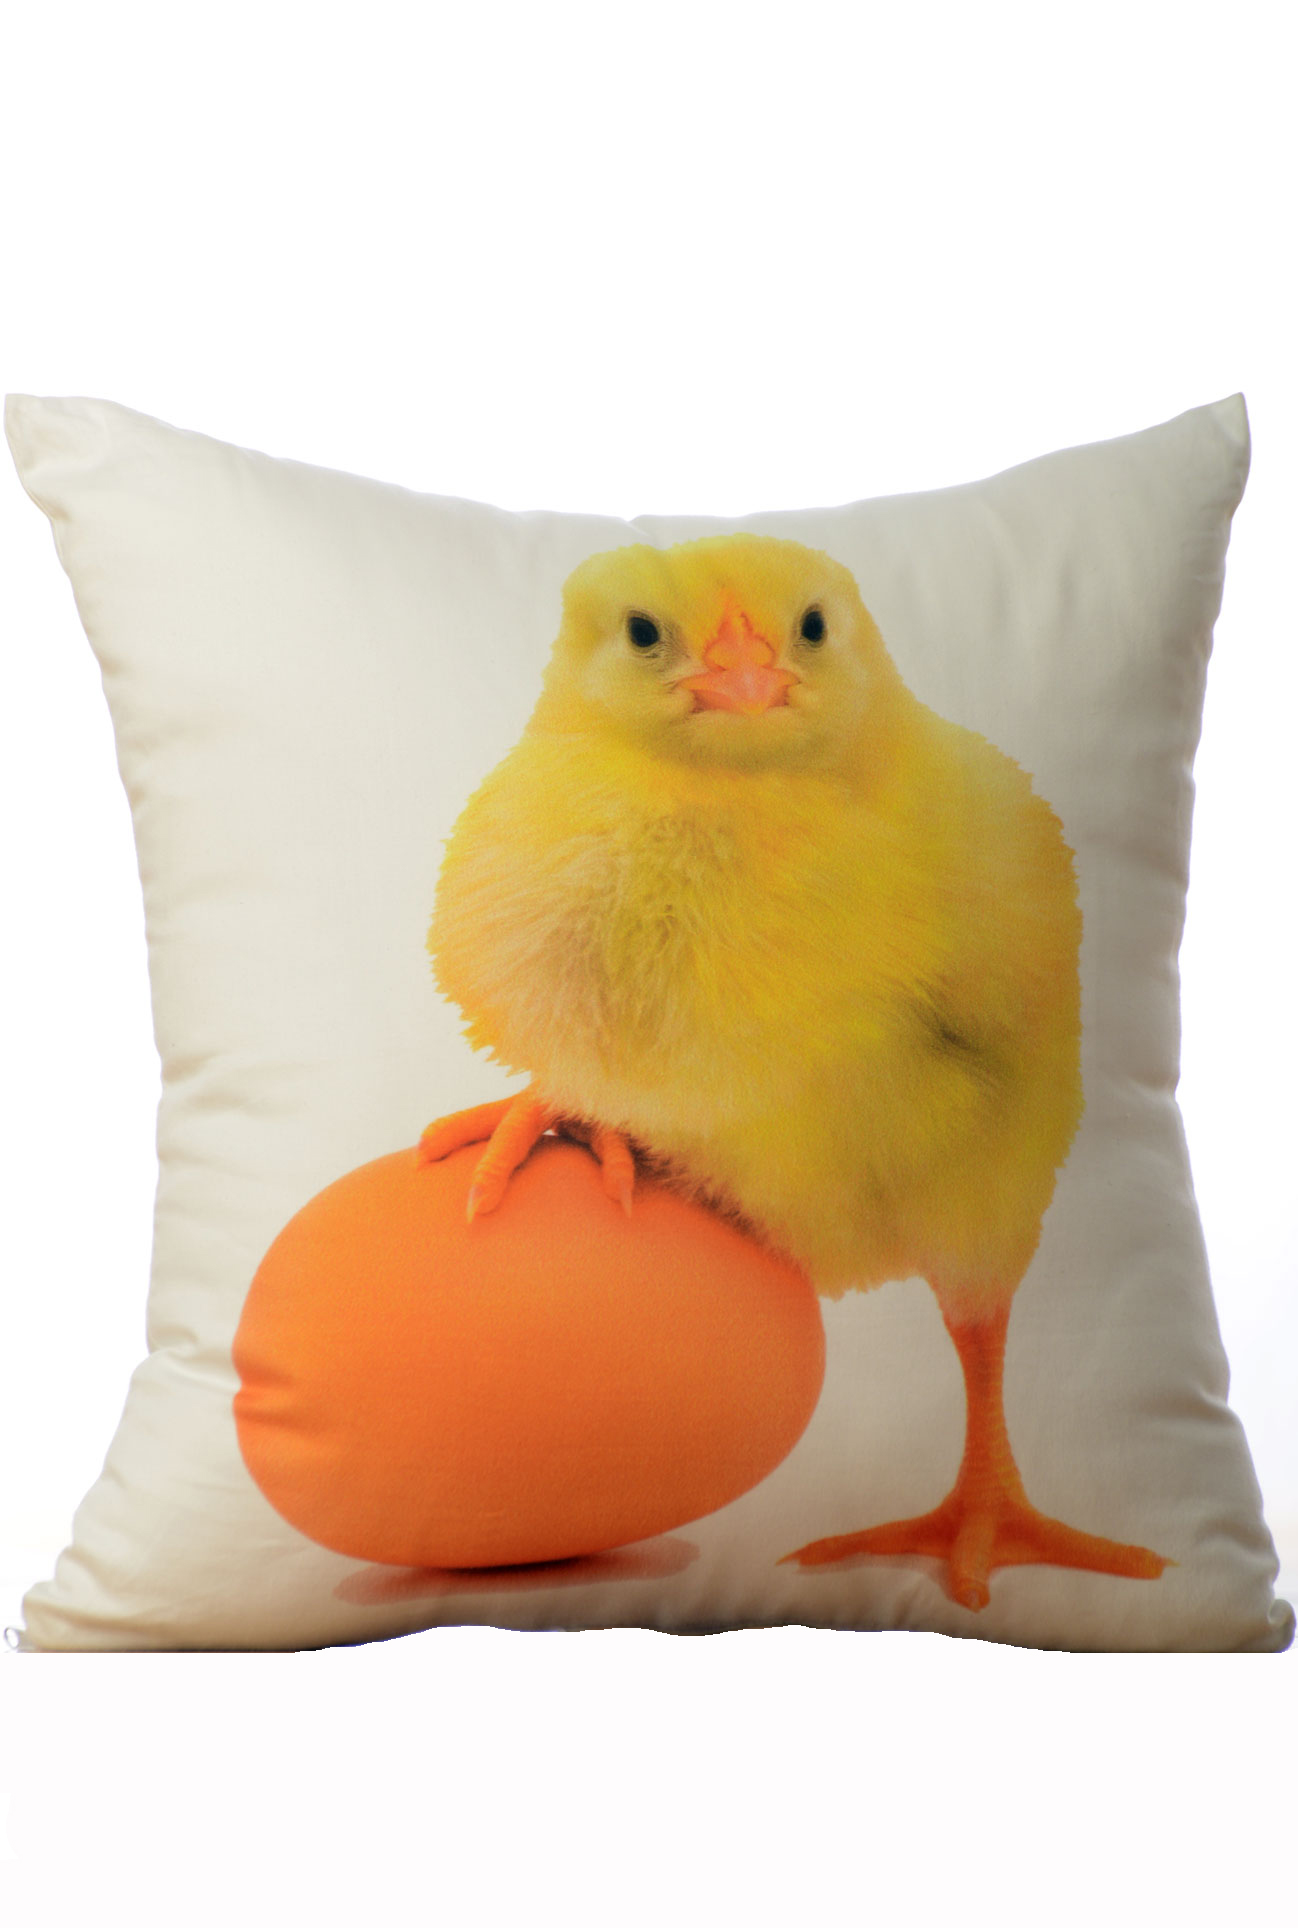 Dekorační polštář - Kuře